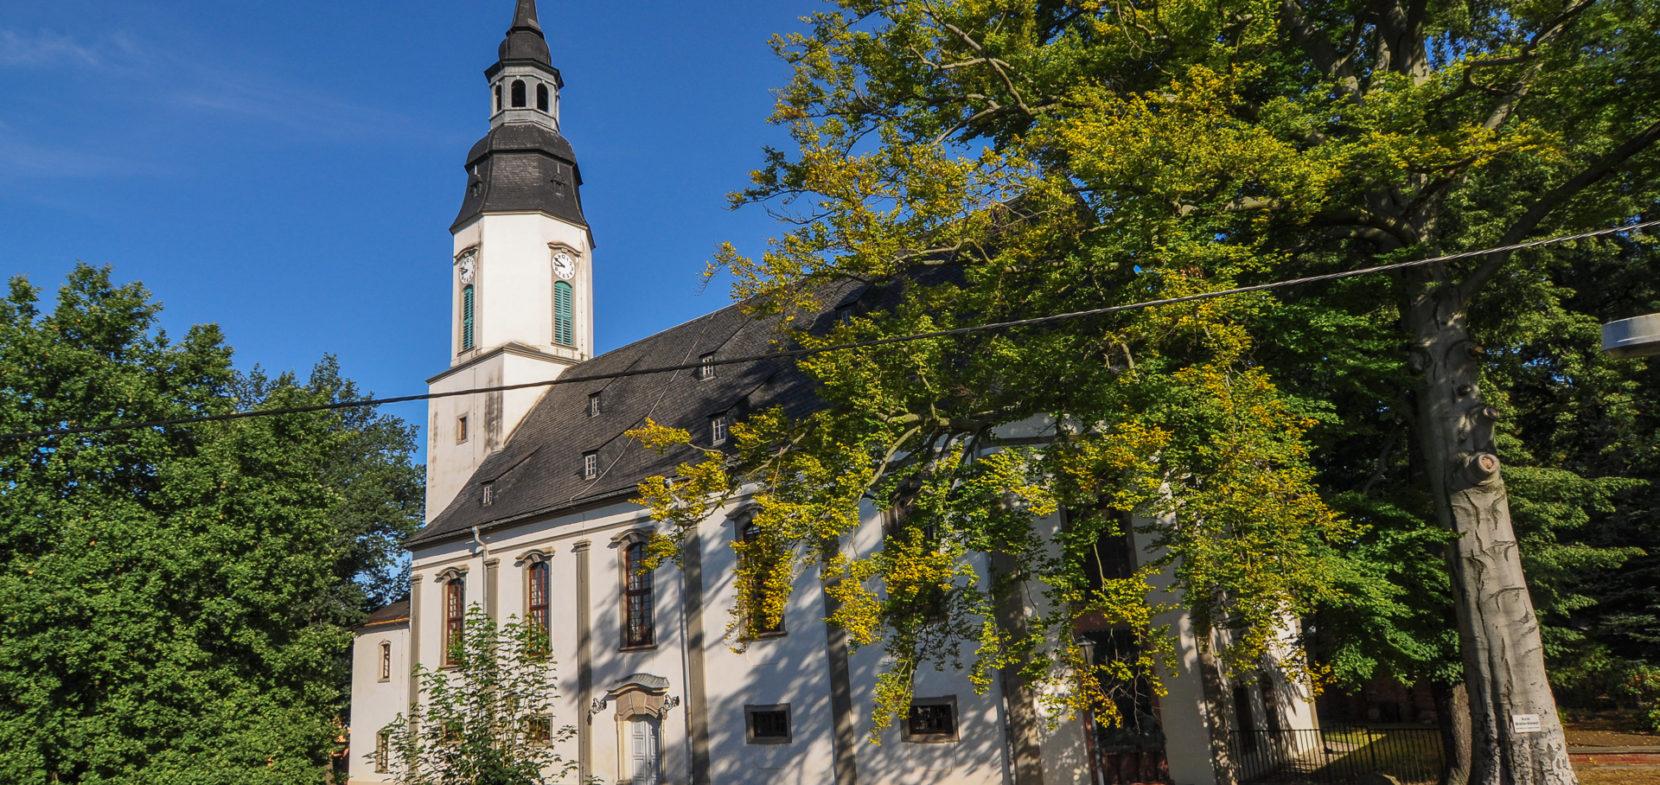 Kirche St. Urban Thurm